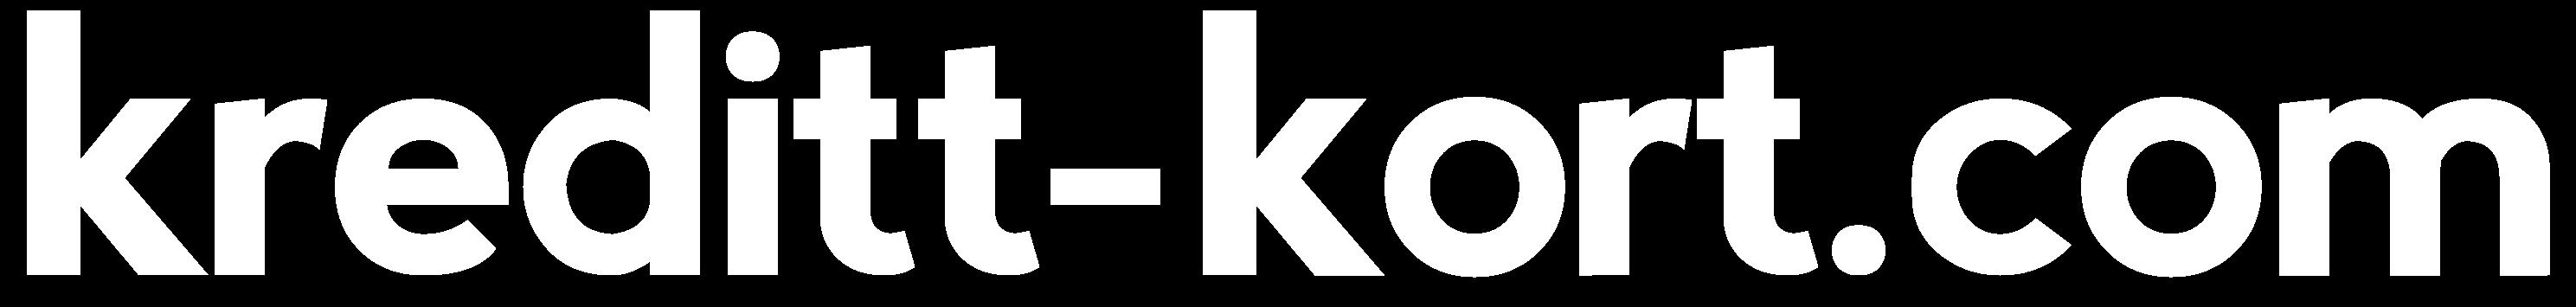 Kreditt-kort.com